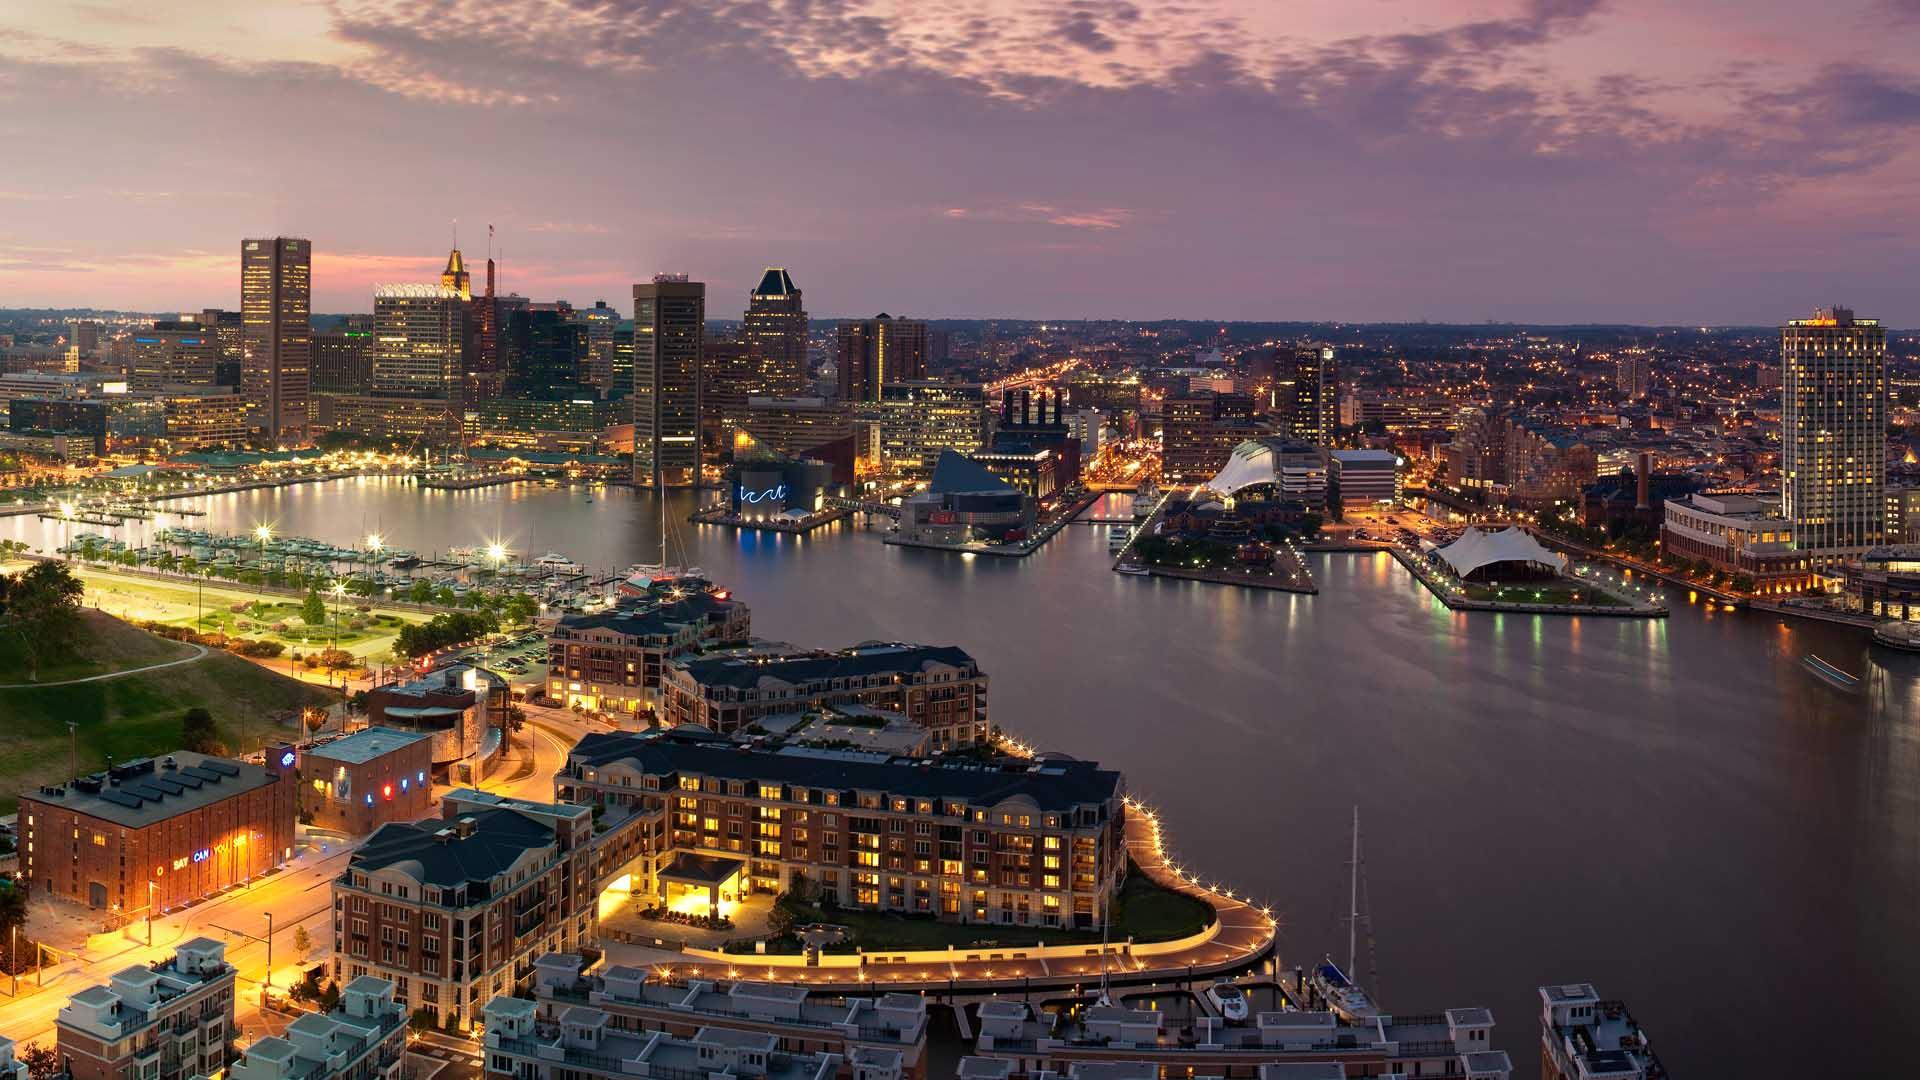 Baltimore City Wallpaper | Baltimore City